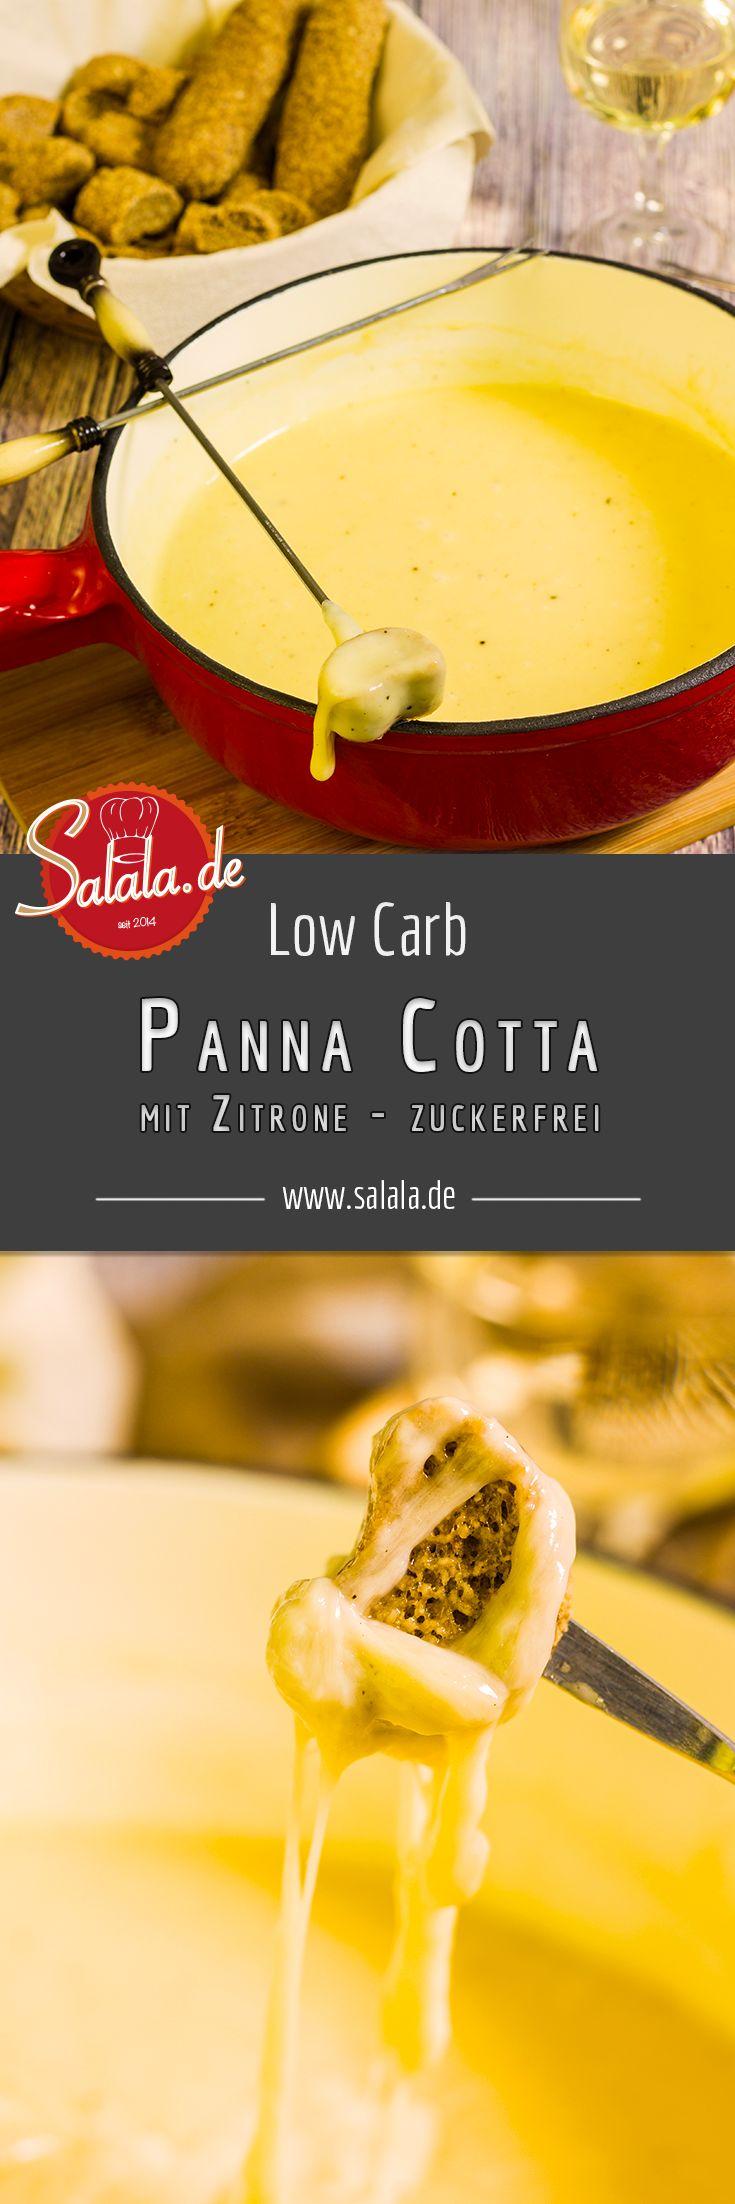 Schweizer Käsefondue zu Silvester - by salala.de - Käse dippen low carb festlich Käsefondue selber machen ohne Mischung glutenfrei Silvester feiern